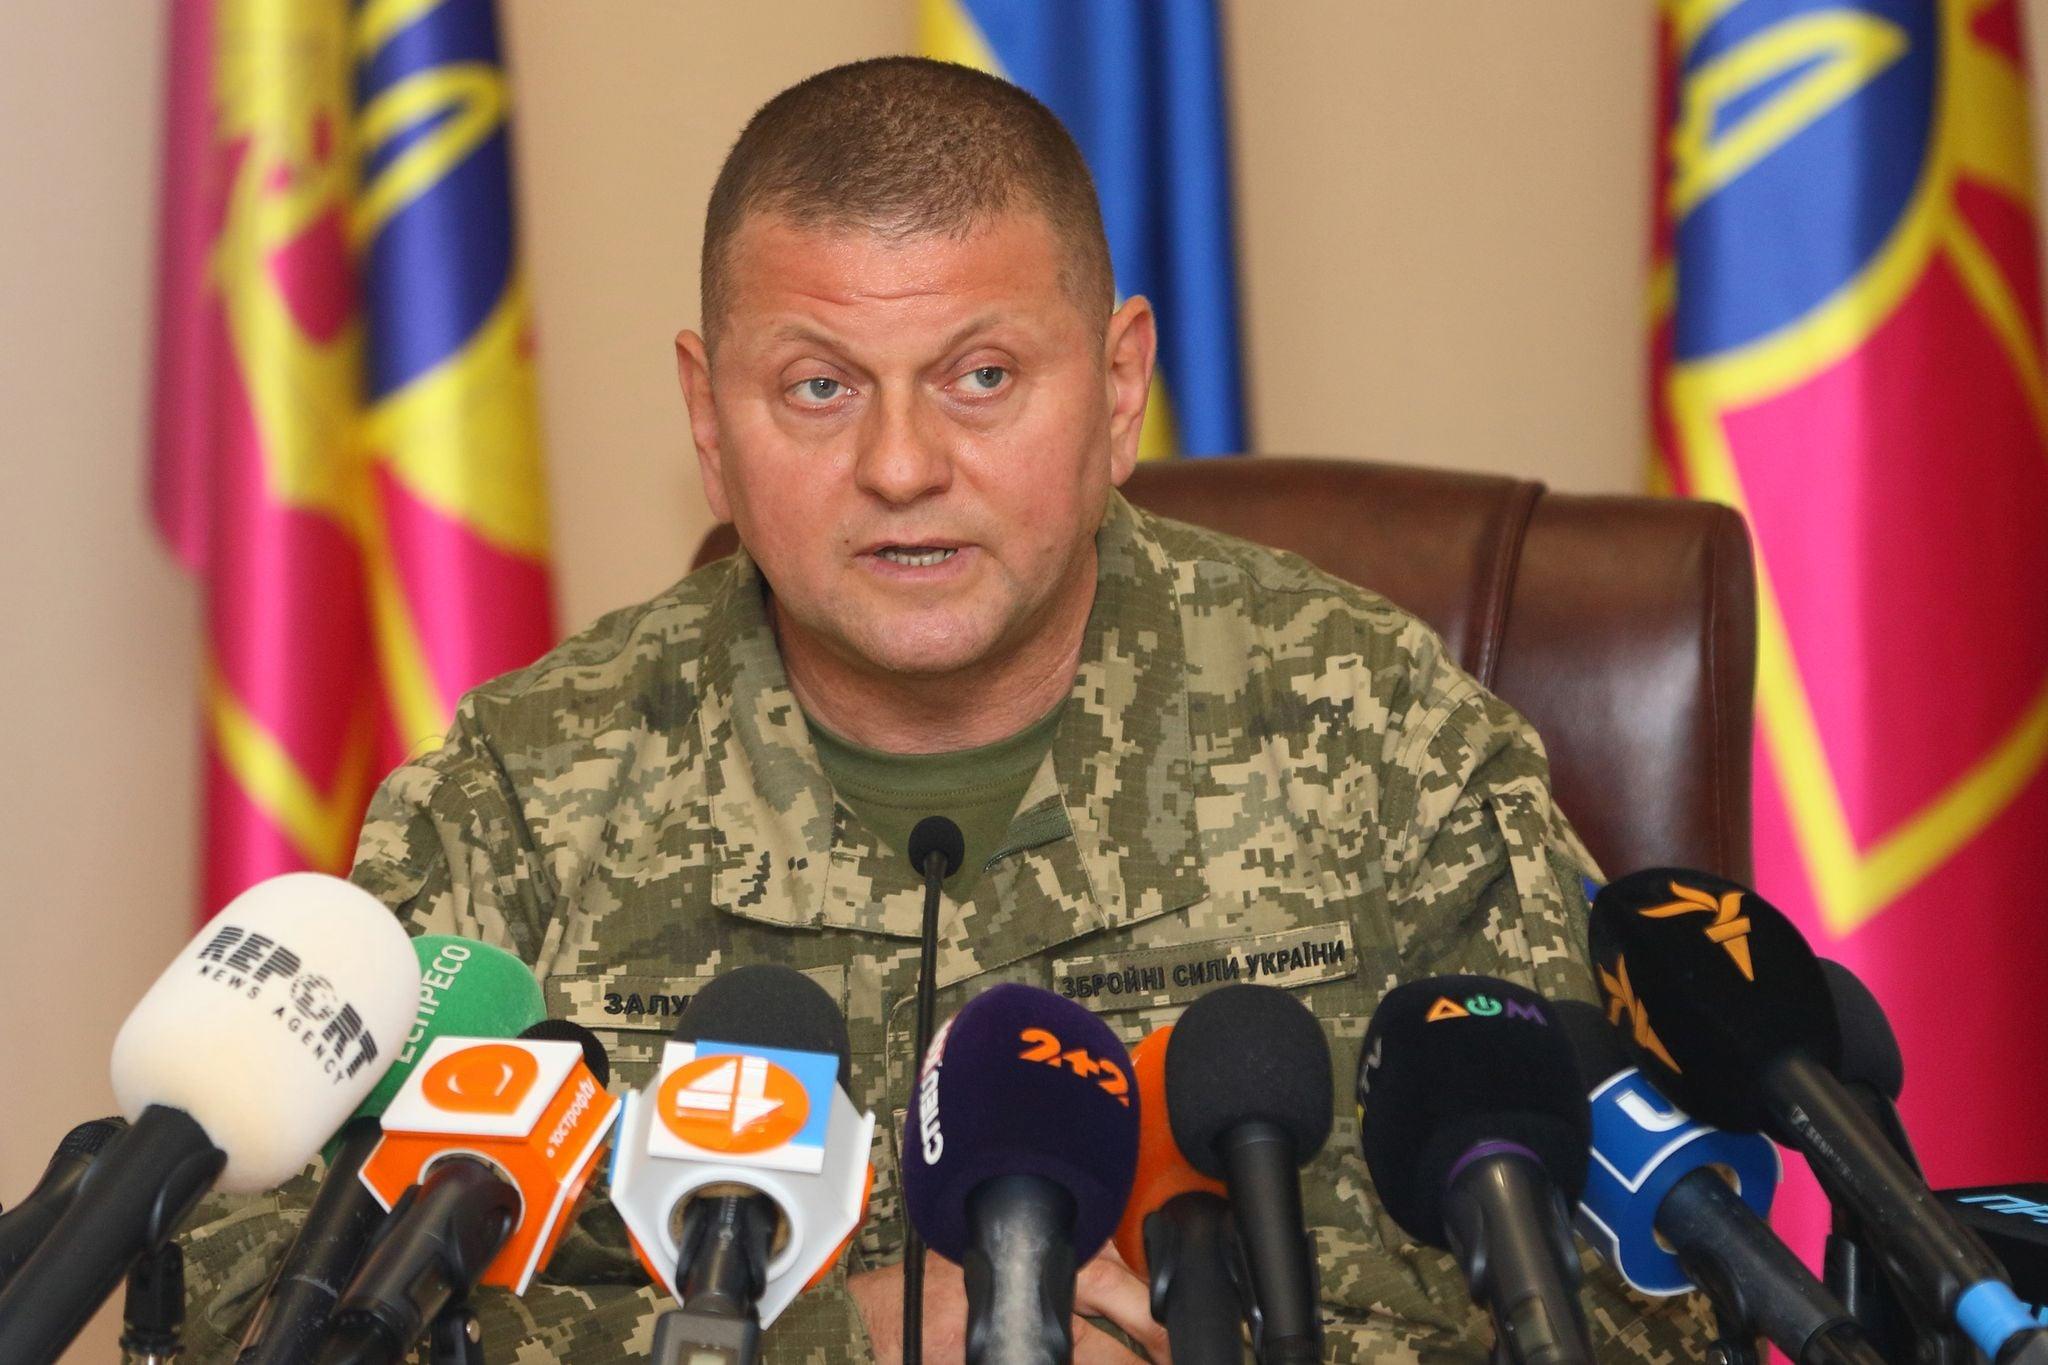 У зоні ООС військовим знову дозволили відкривати вогонь у відповідь — Залужний